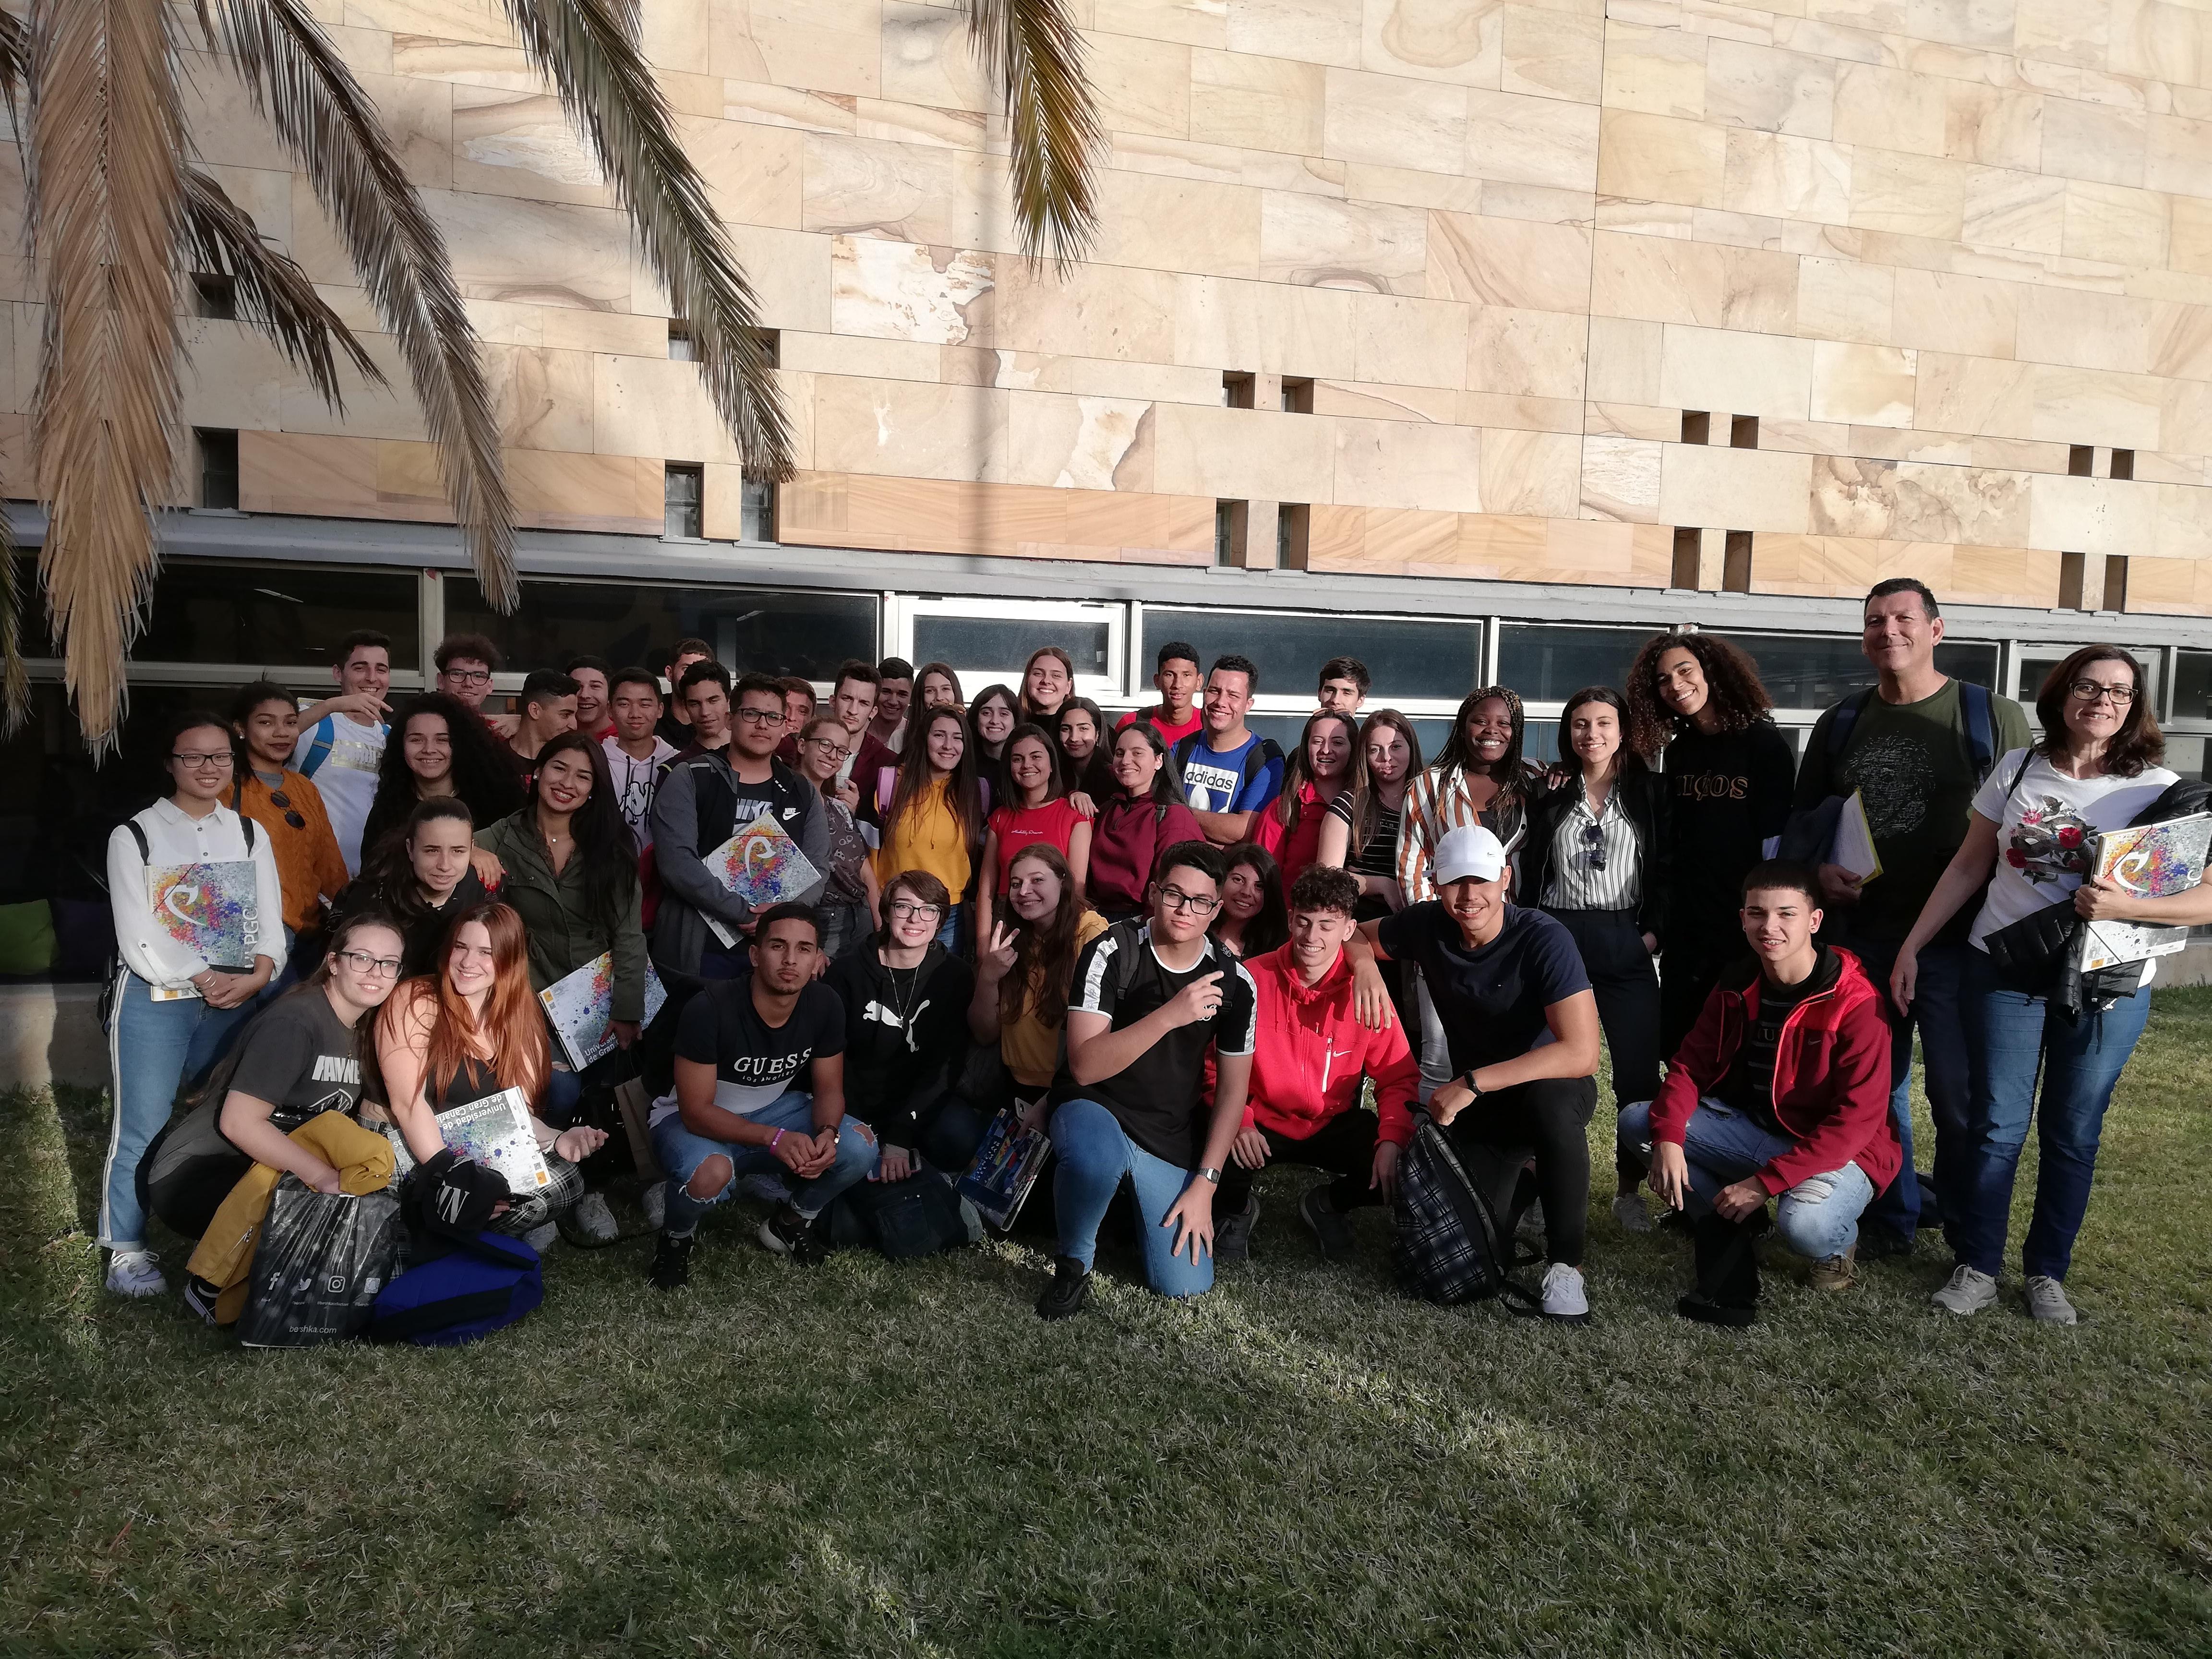 Visita ULPGC: Jornada de Puertas Abiertas